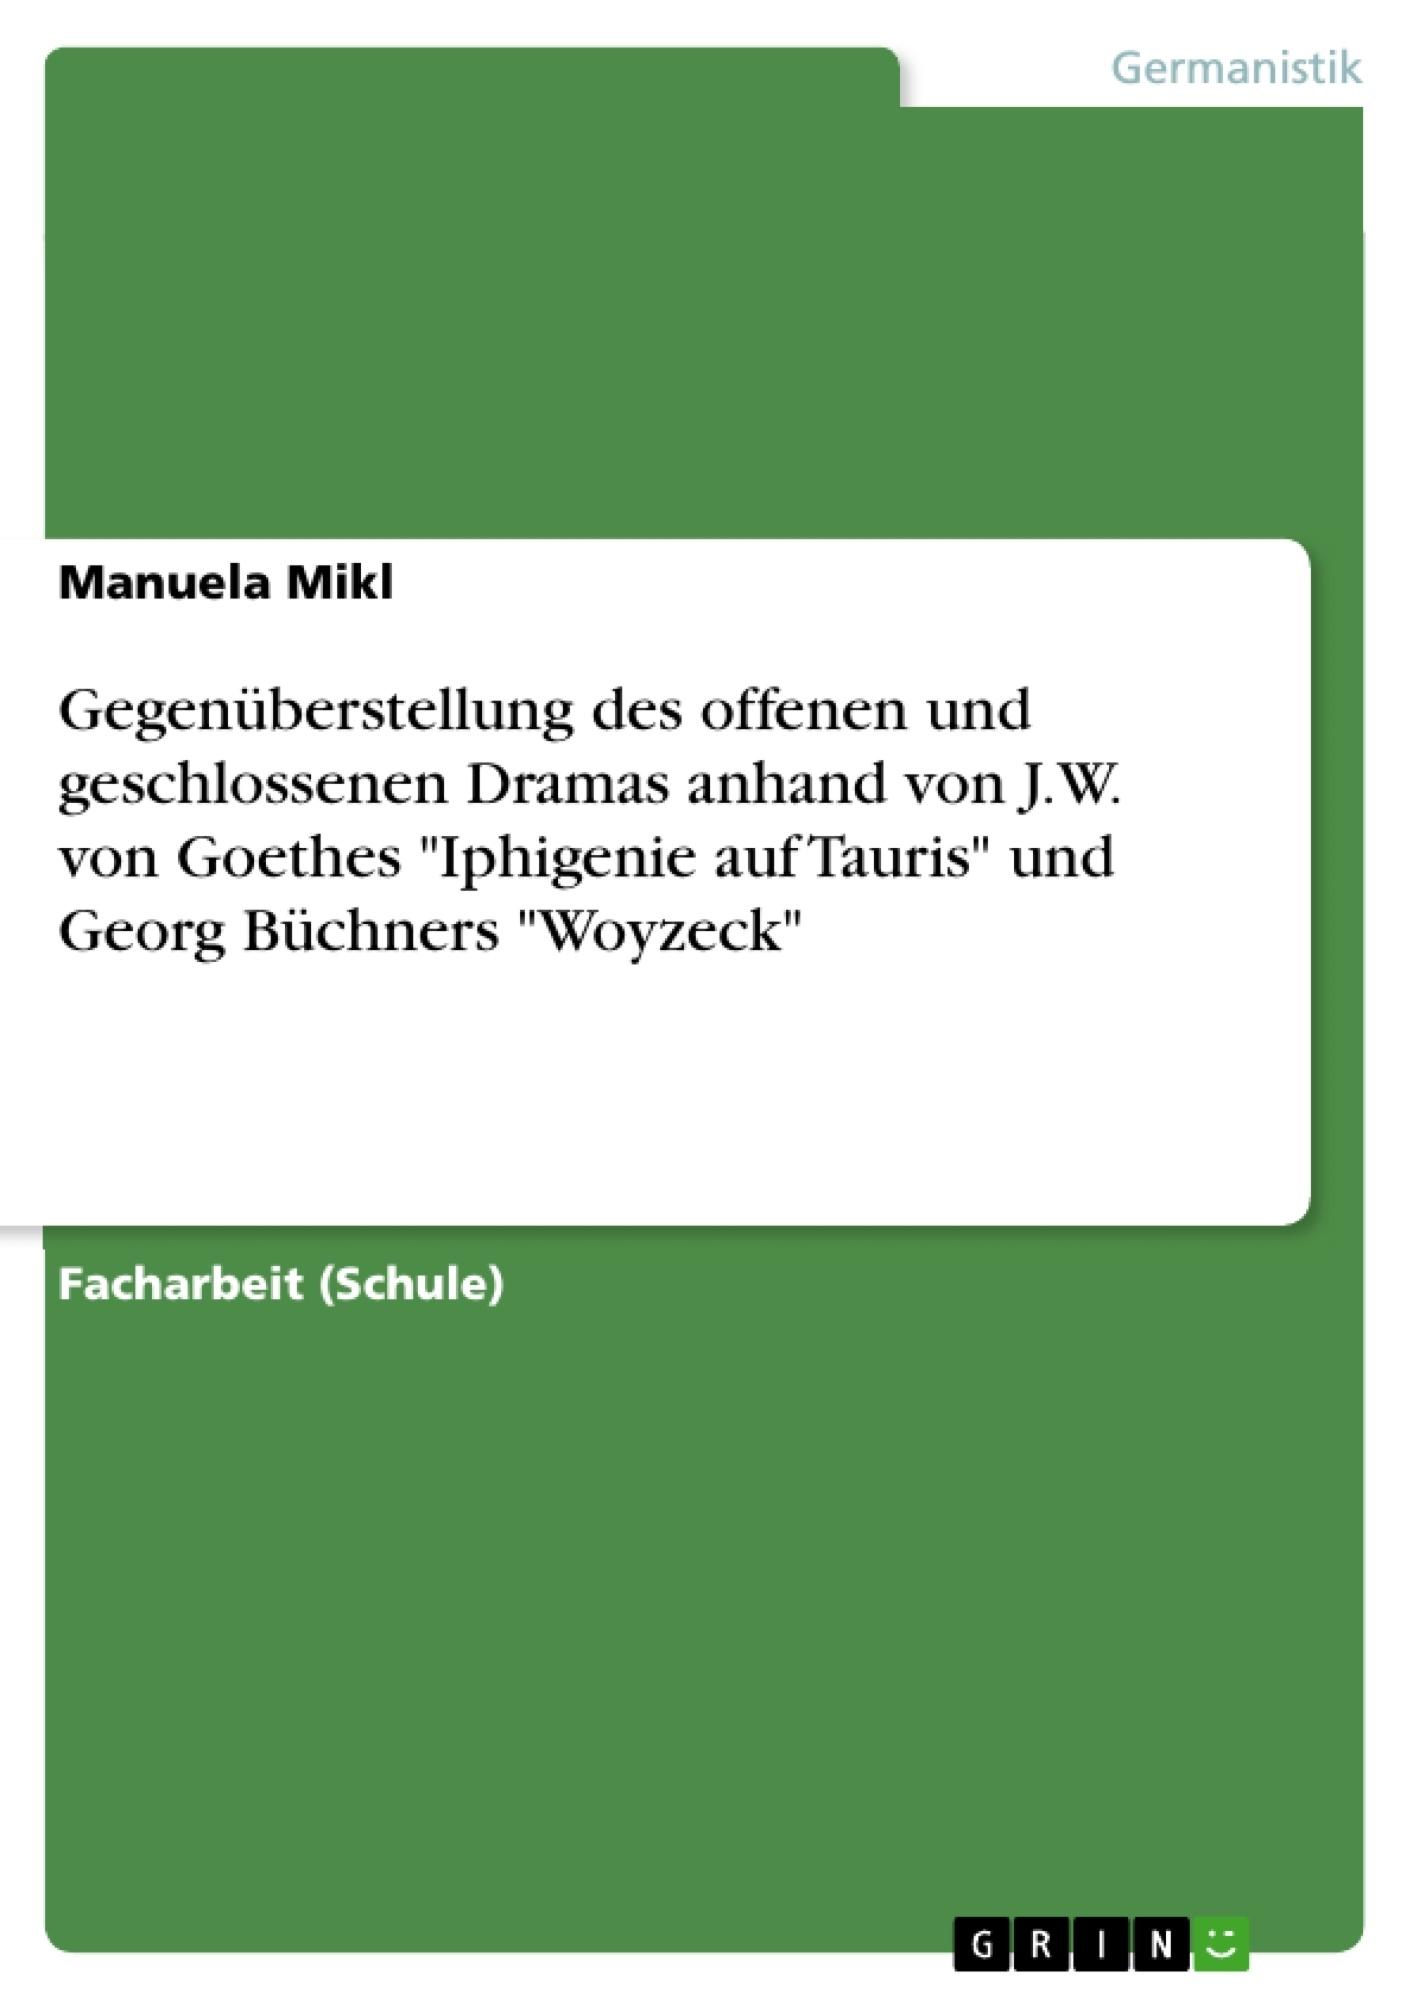 """Titel: Gegenüberstellung des offenen und geschlossenen Dramas anhand von J.W. von Goethes """"Iphigenie auf Tauris"""" und Georg Büchners """"Woyzeck"""""""